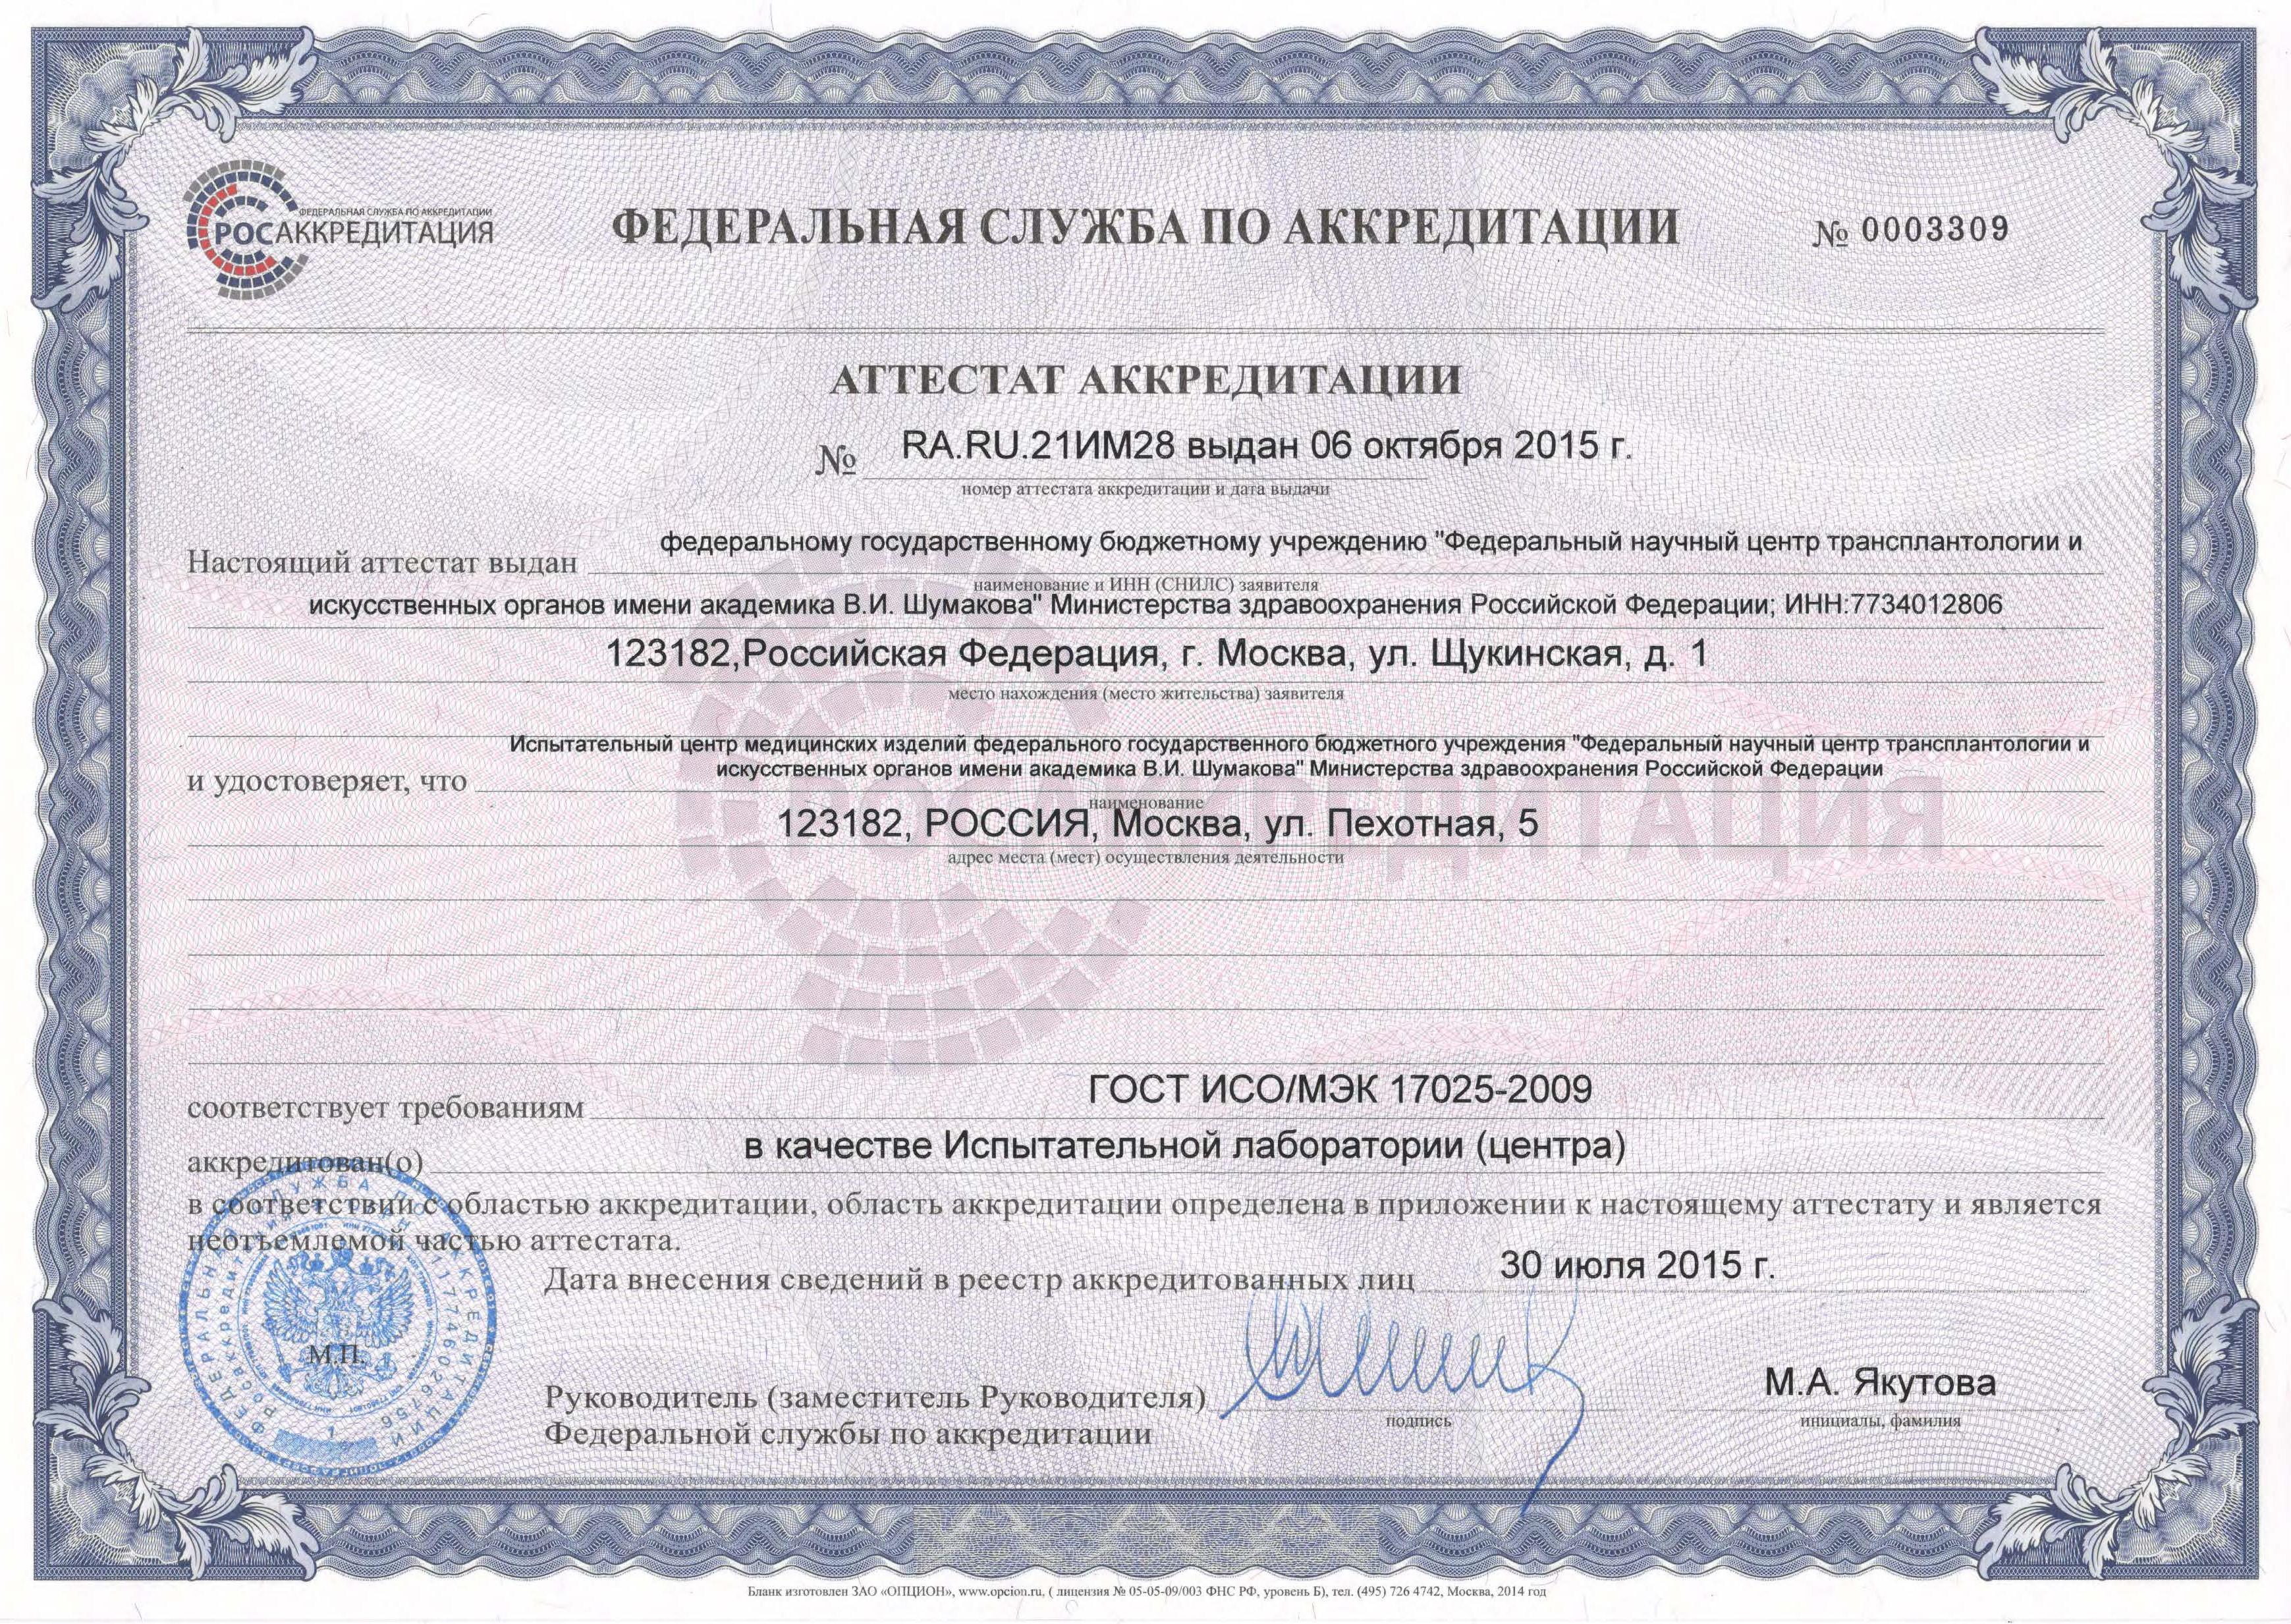 Технические испытания, исследования и сертификация сертификация средств защиты тканей